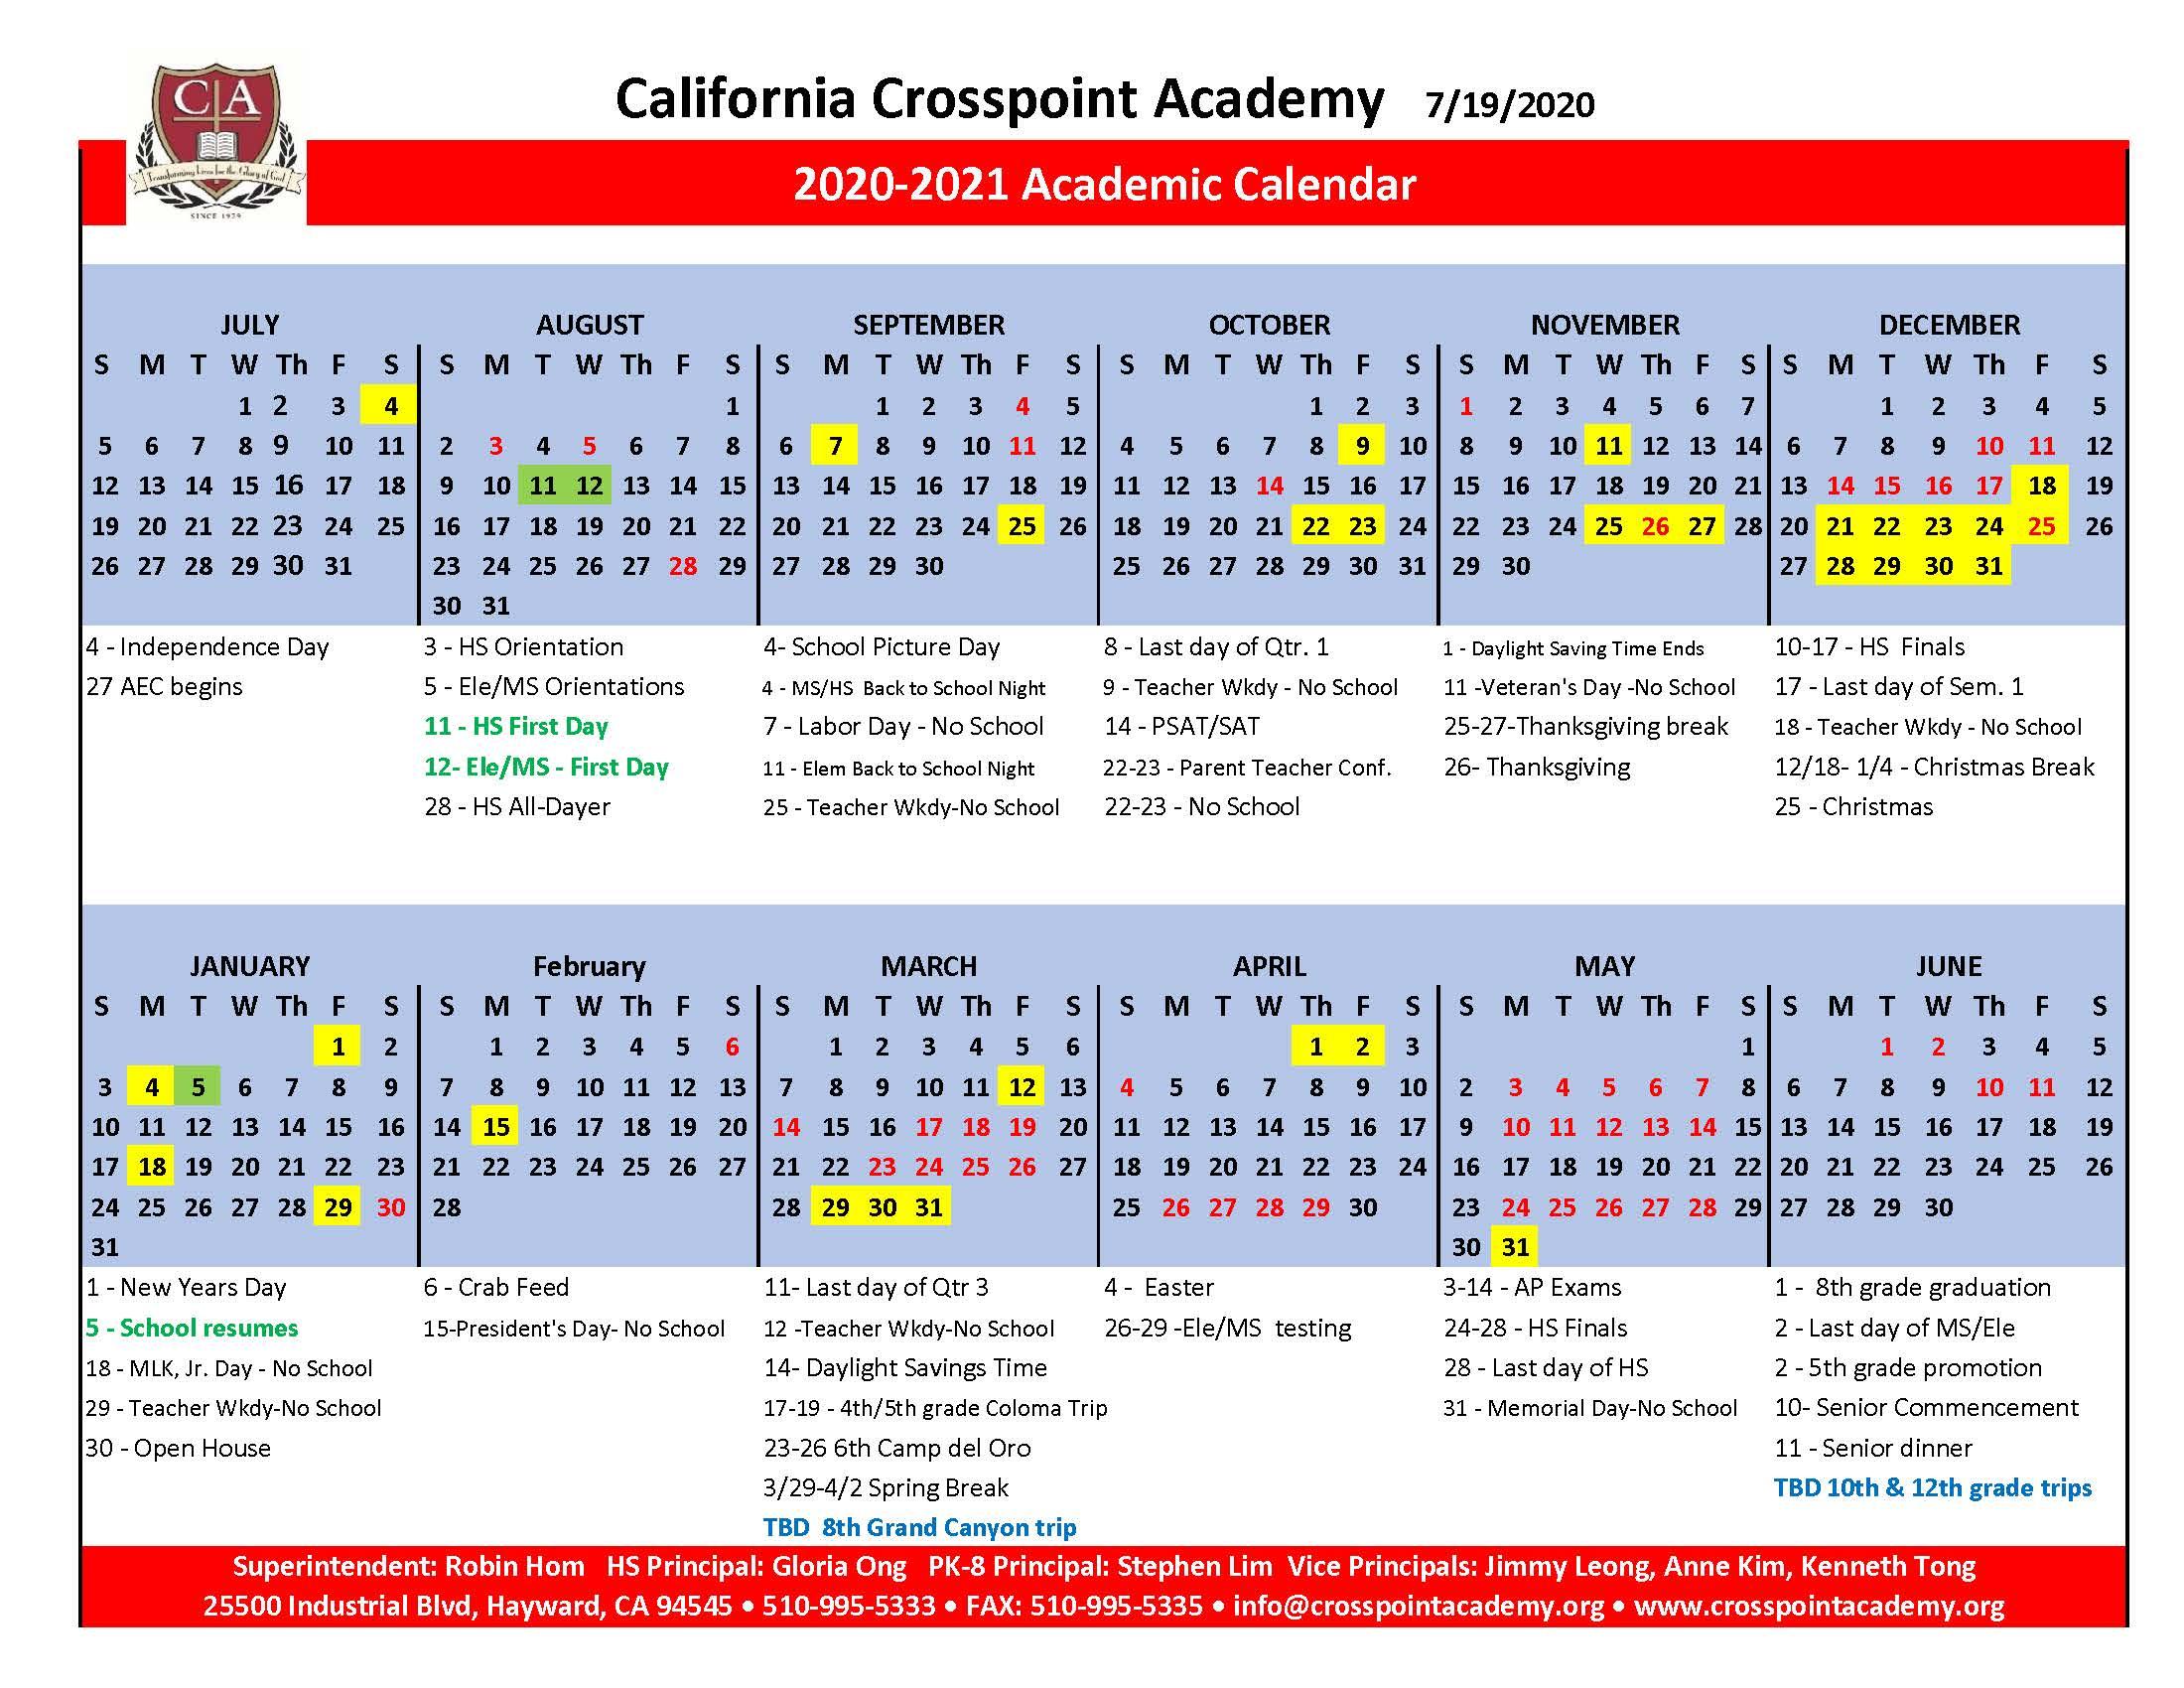 Ucsd 2022 2023 Academic Calendar.U C S D 2 0 2 0 2 1 A C A D E M I C C A L E N D A R Zonealarm Results